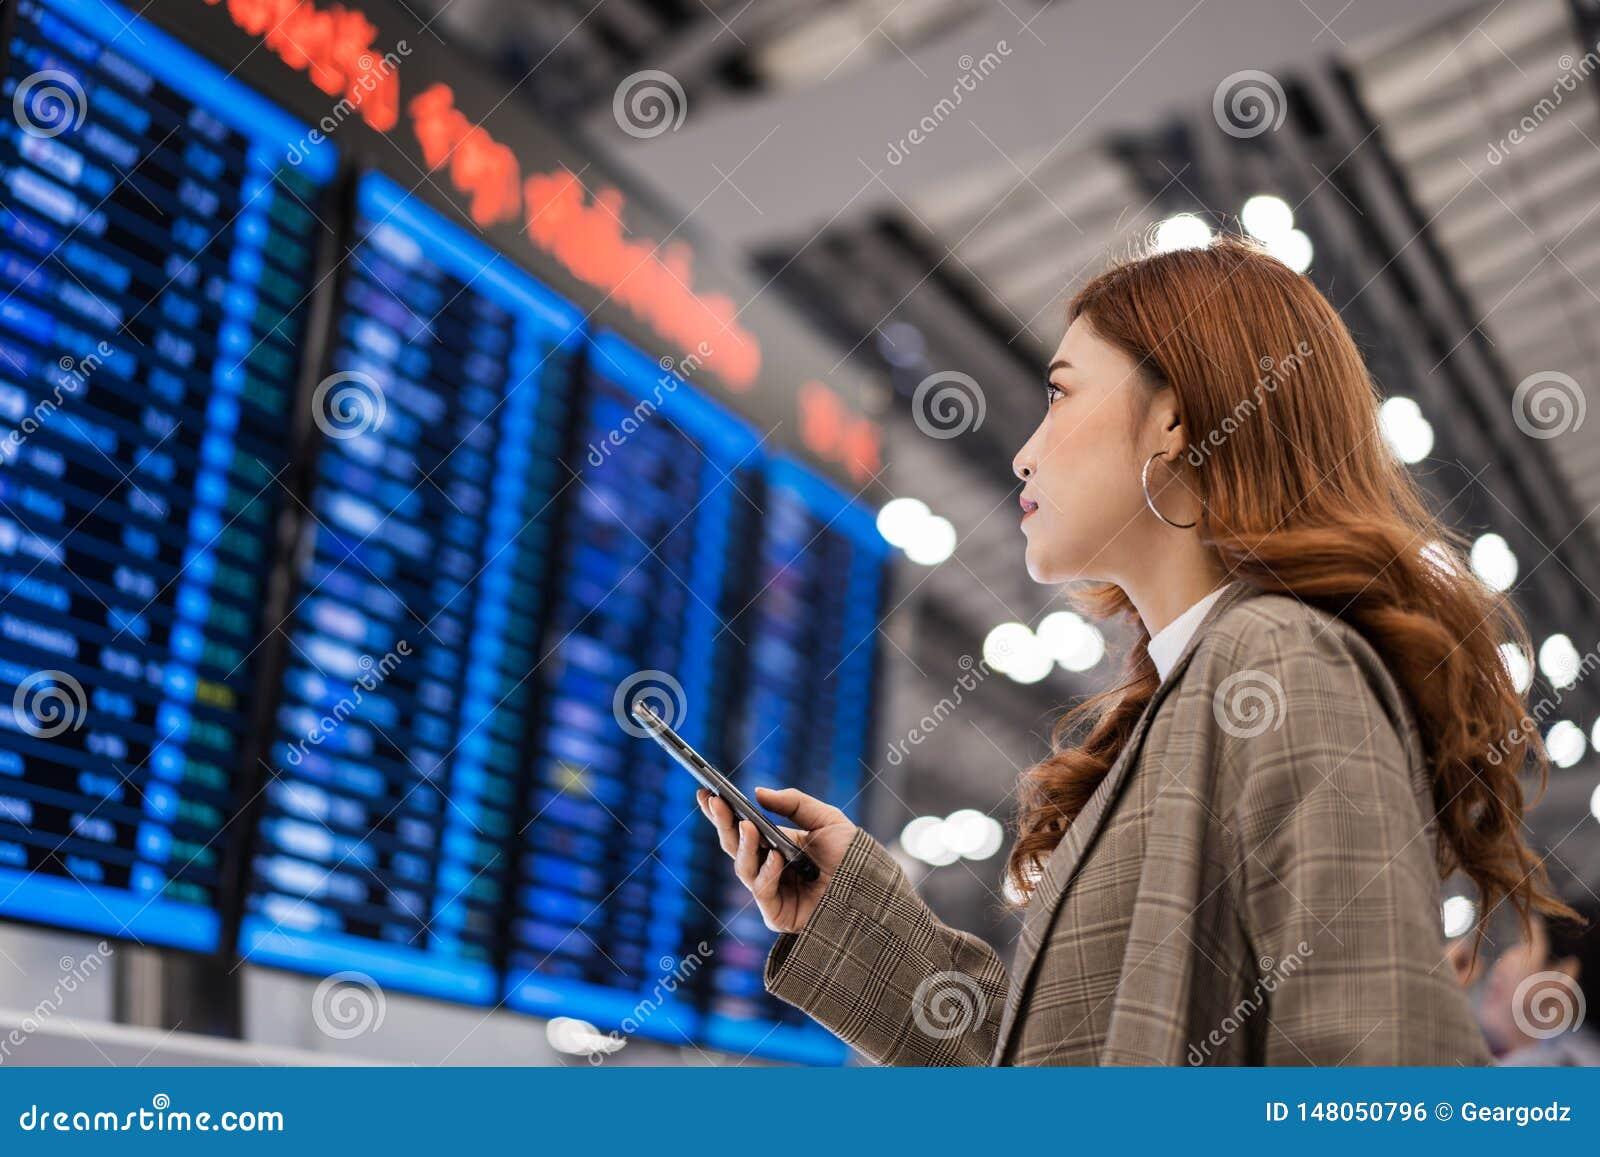 Kobieta u?ywa smartphone z lot informacji desk? przy lotniskiem